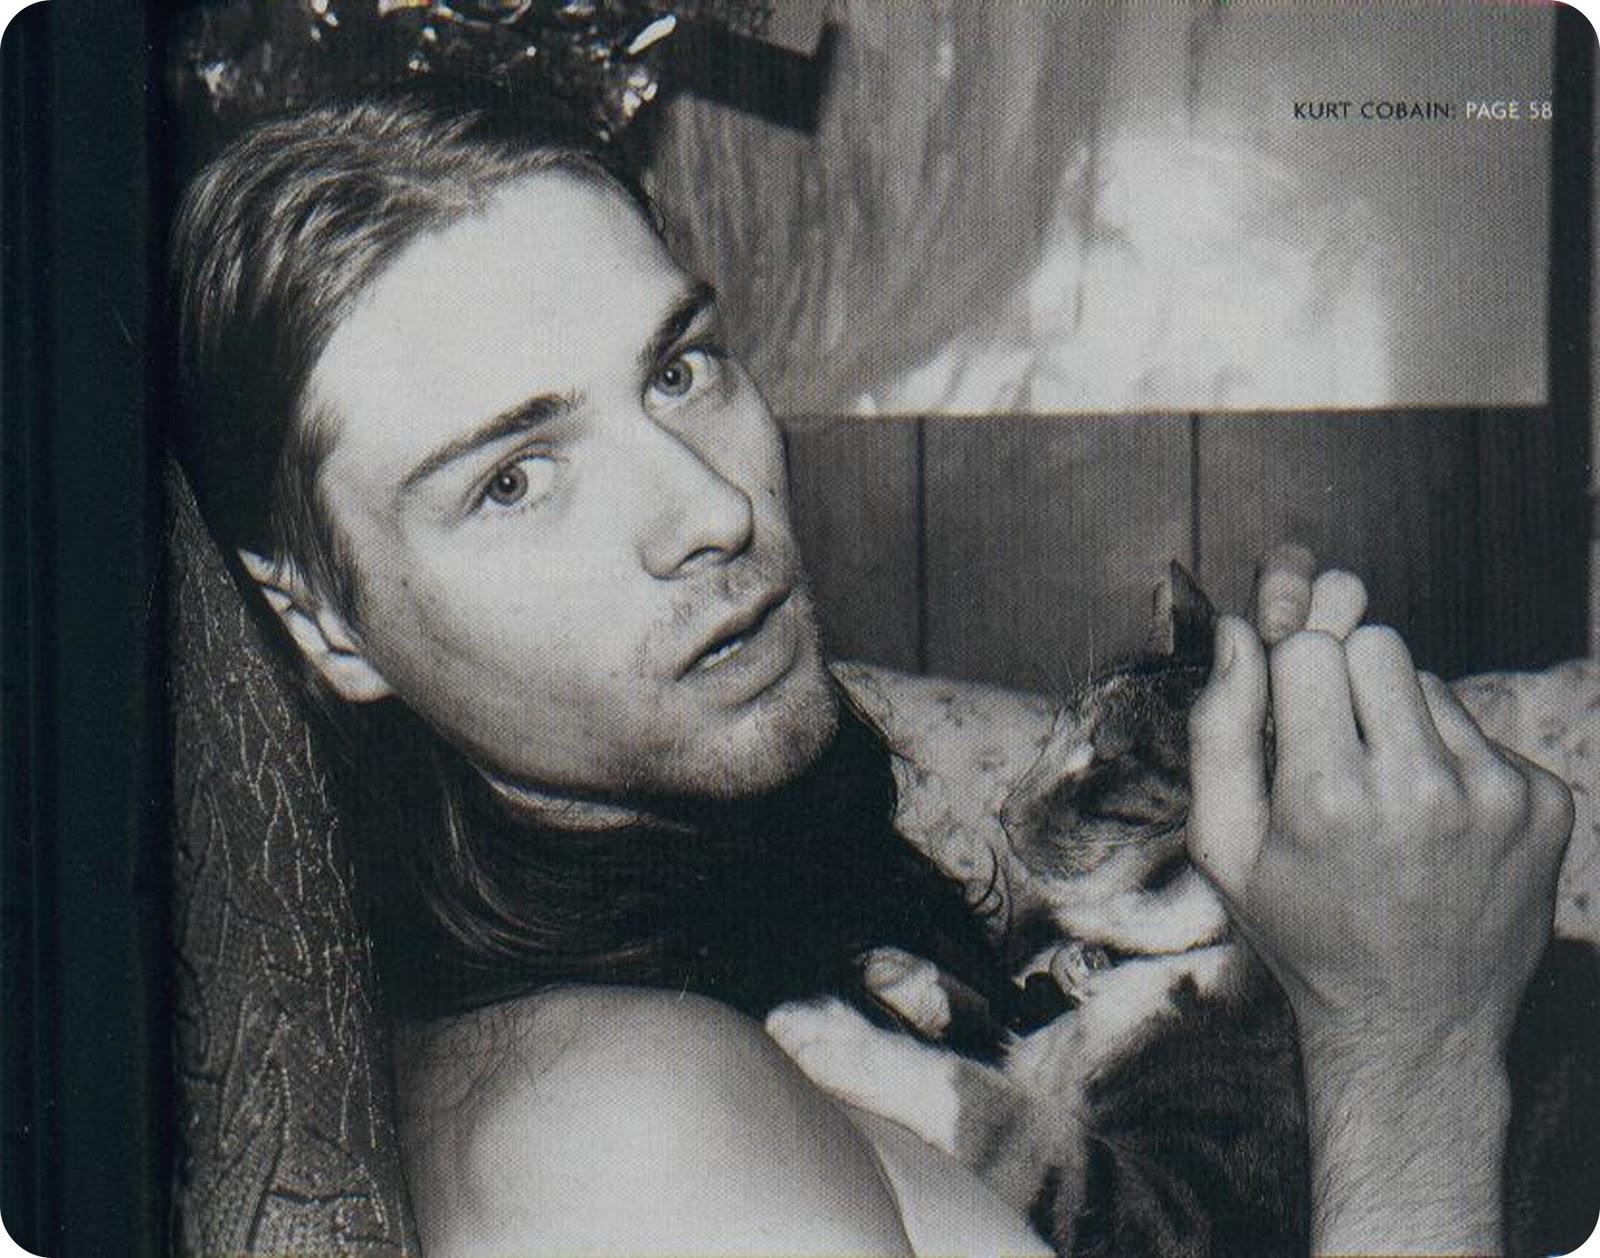 kurt_cobain_with_cat